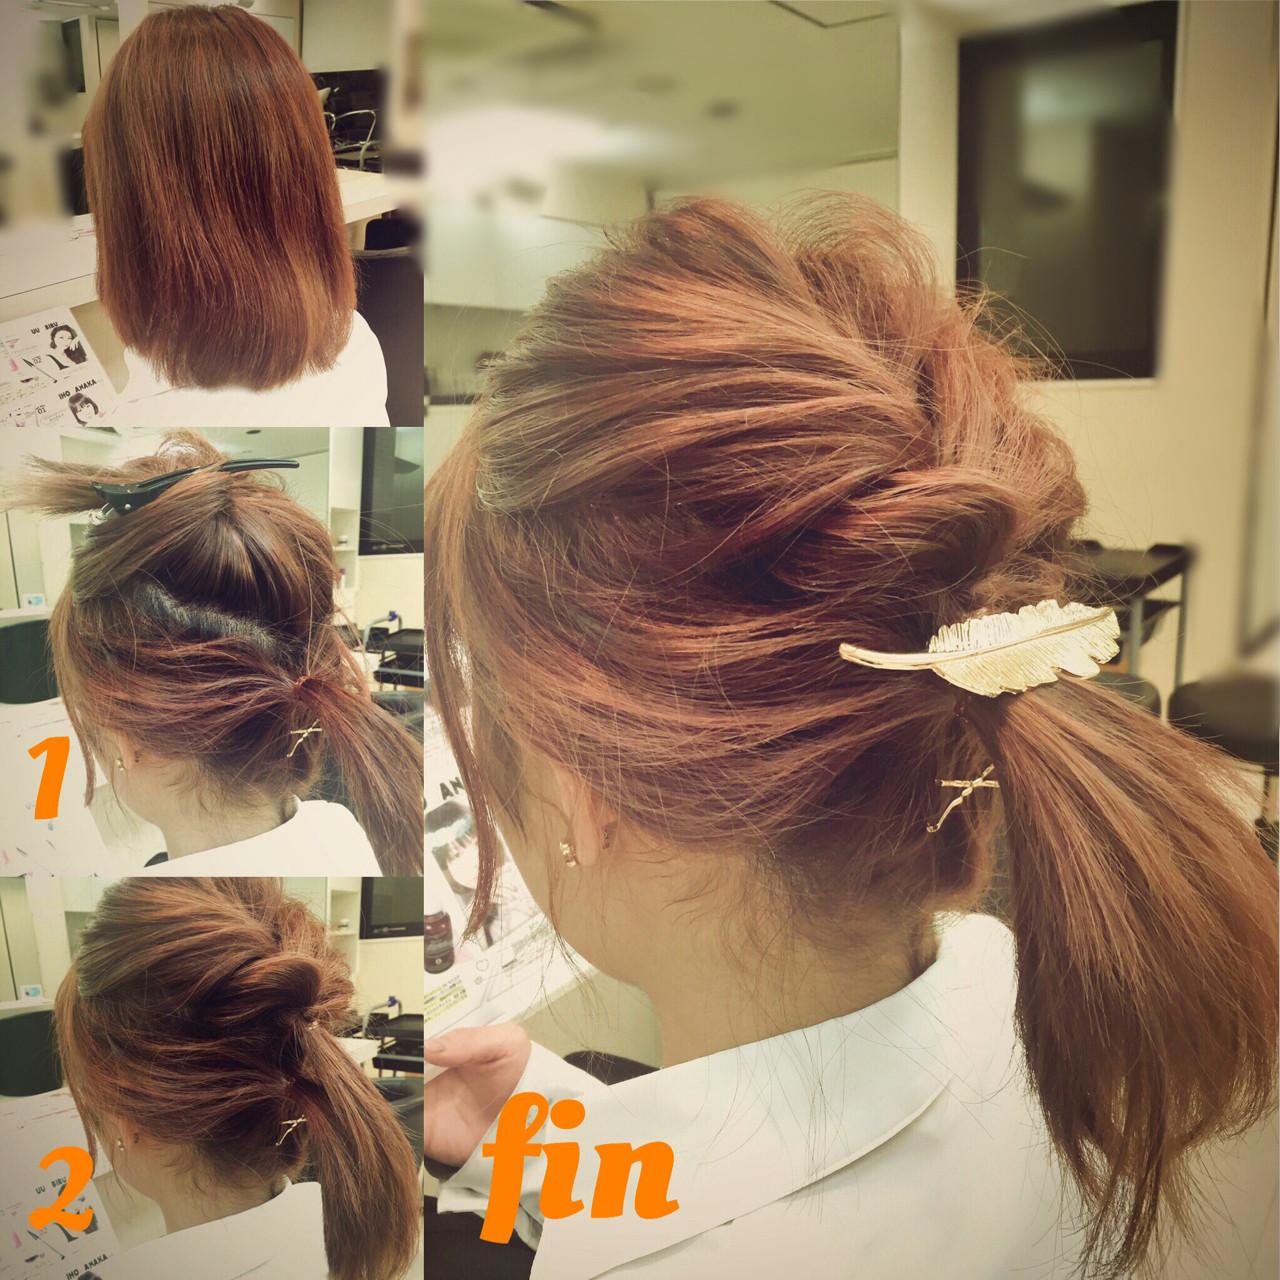 ストレートのヘアアレンジ×ミディアム 内藤光昭